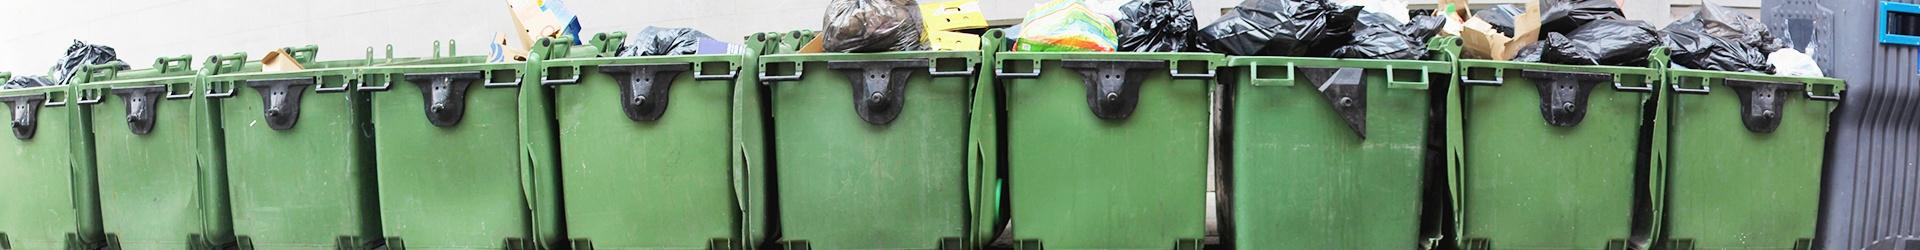 Waste Transport